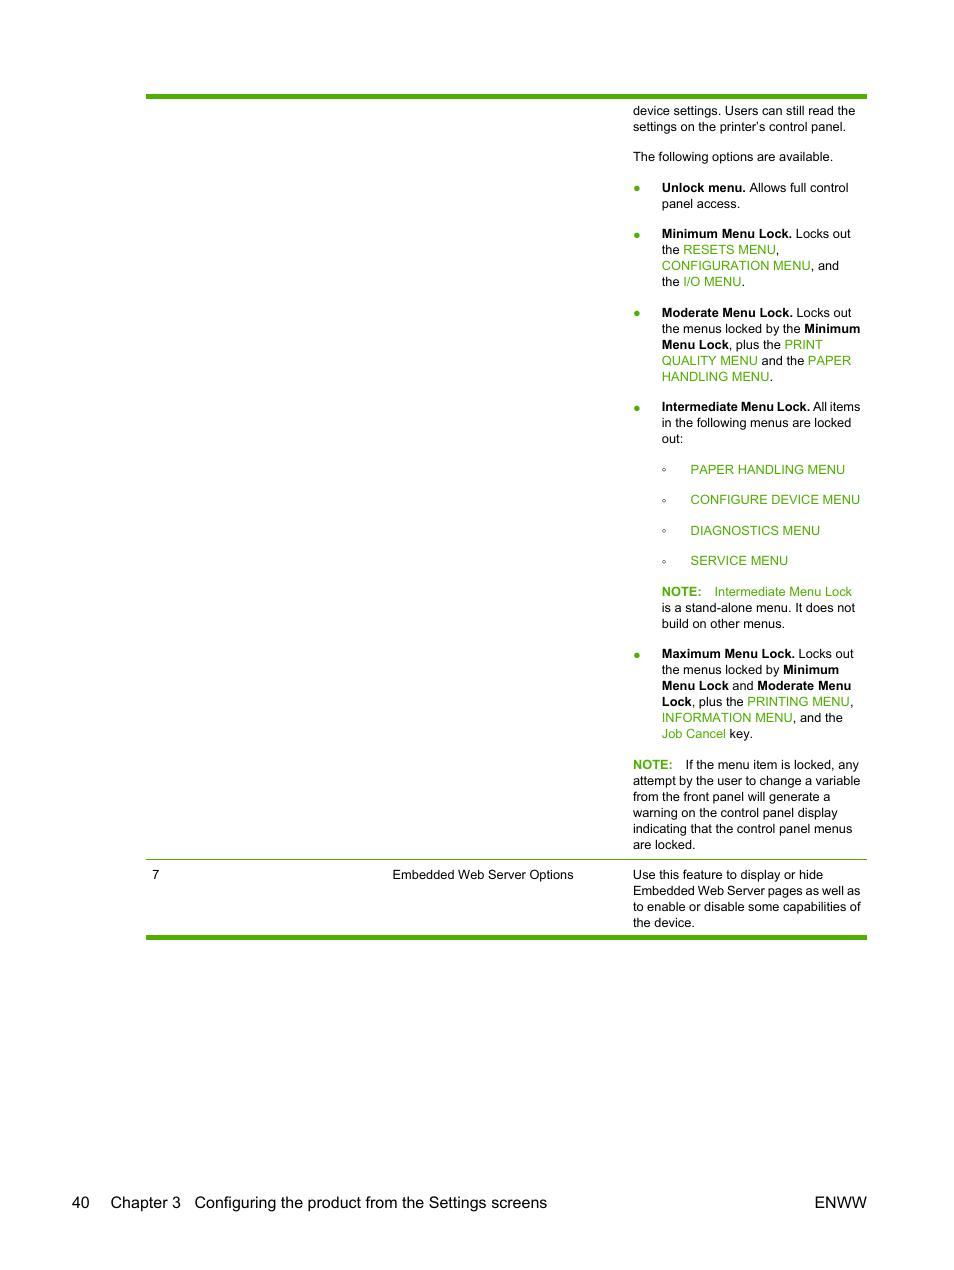 HP LaserJet P4014 Printer series User Manual | Page 50 / 72 | Also for:  LaserJet P4015 Printer series, LaserJet P4510 Printer series